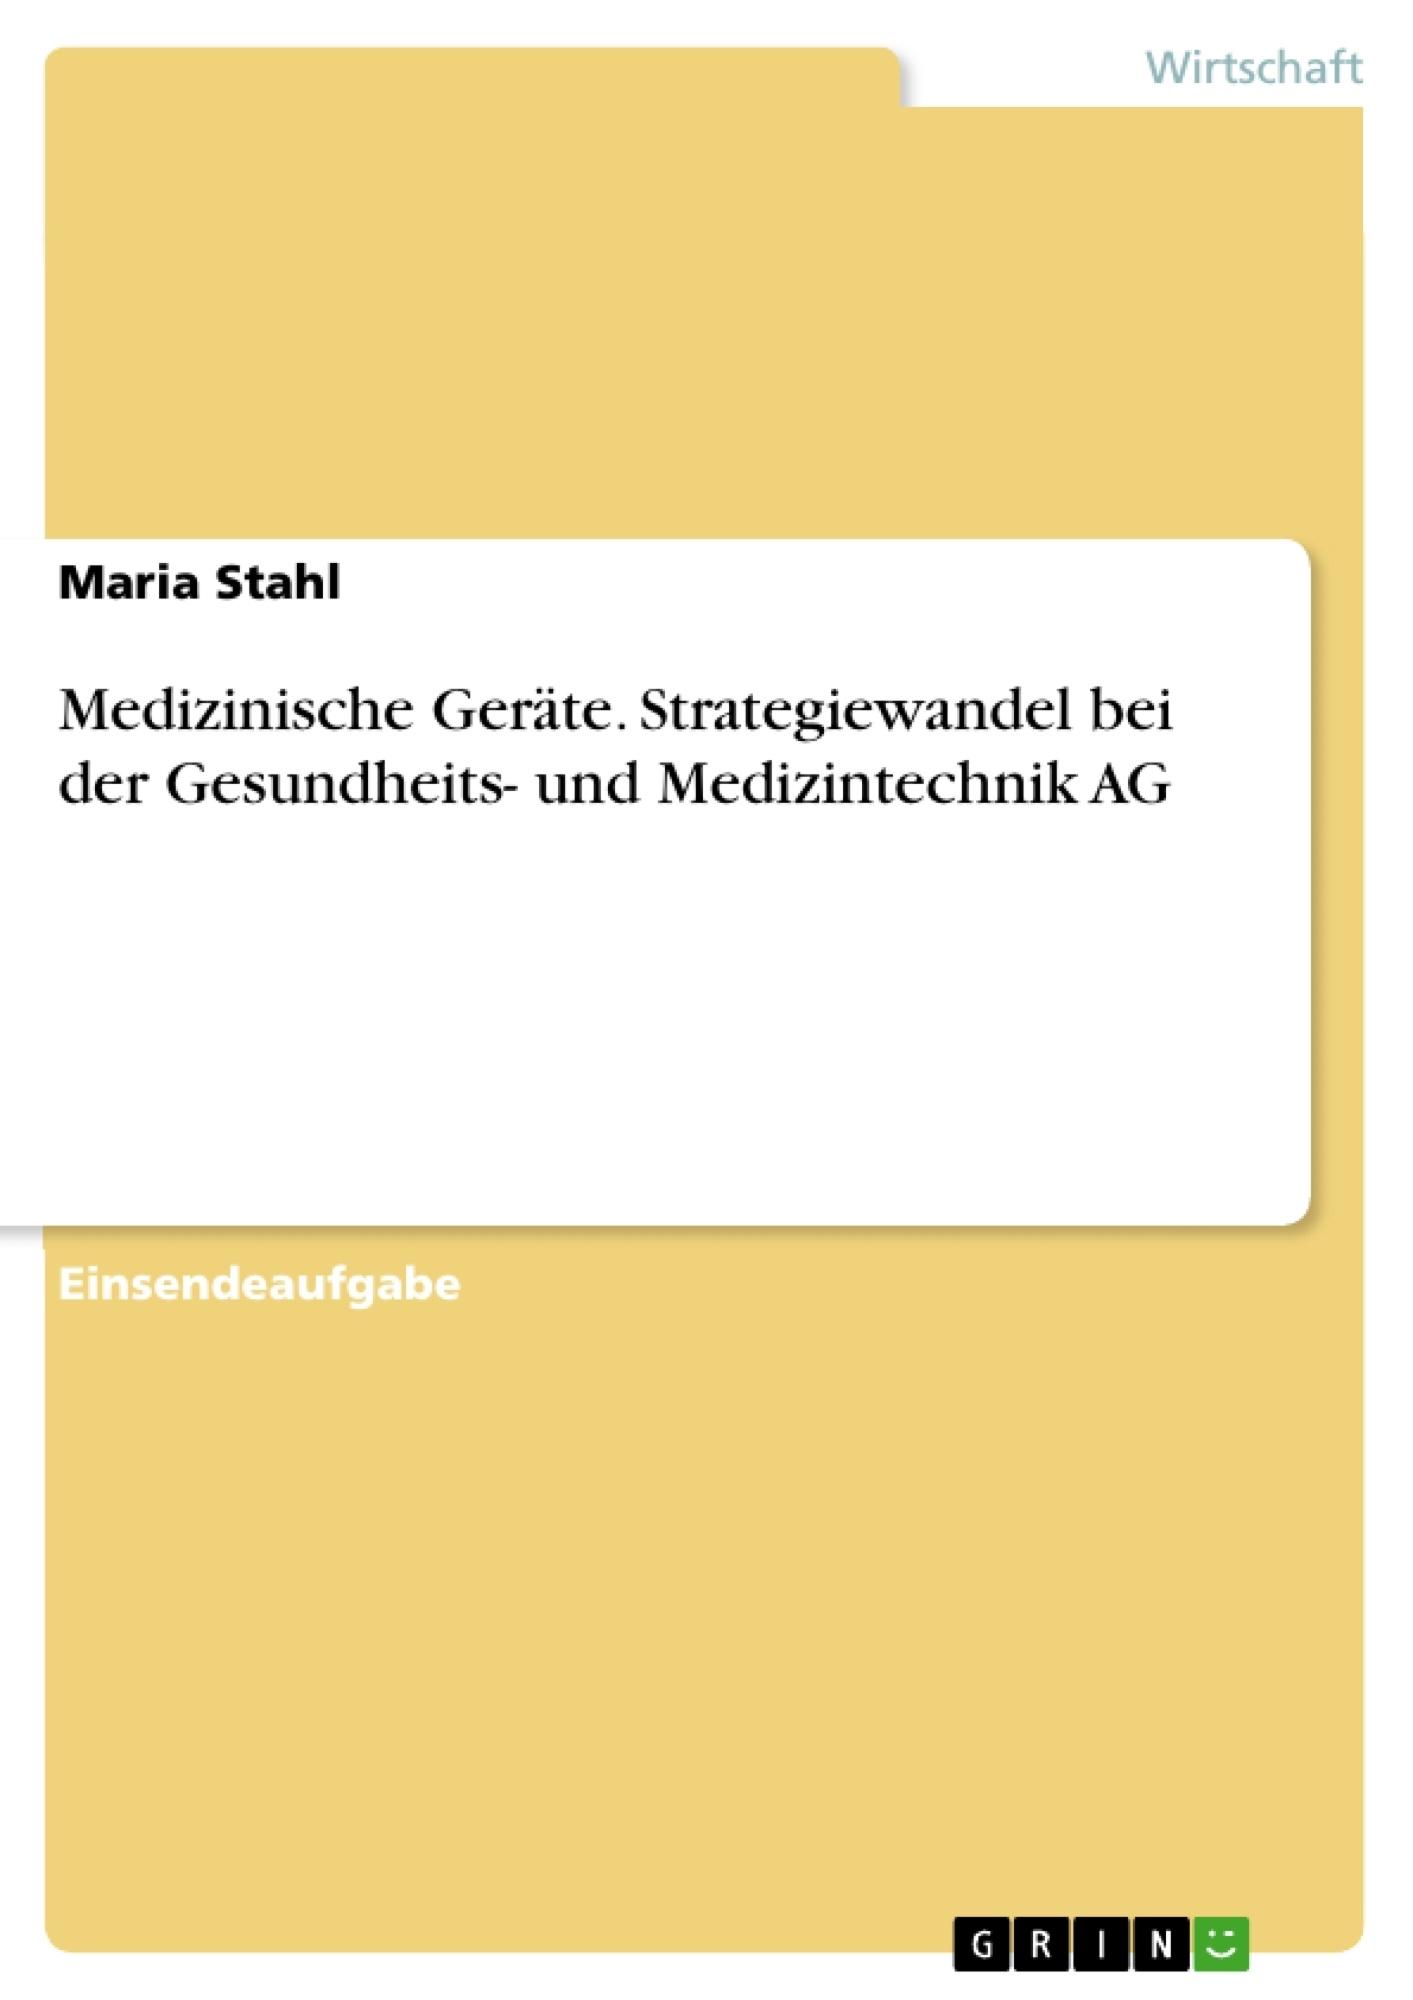 Titel: Medizinische Geräte. Strategiewandel bei der Gesundheits- und Medizintechnik AG